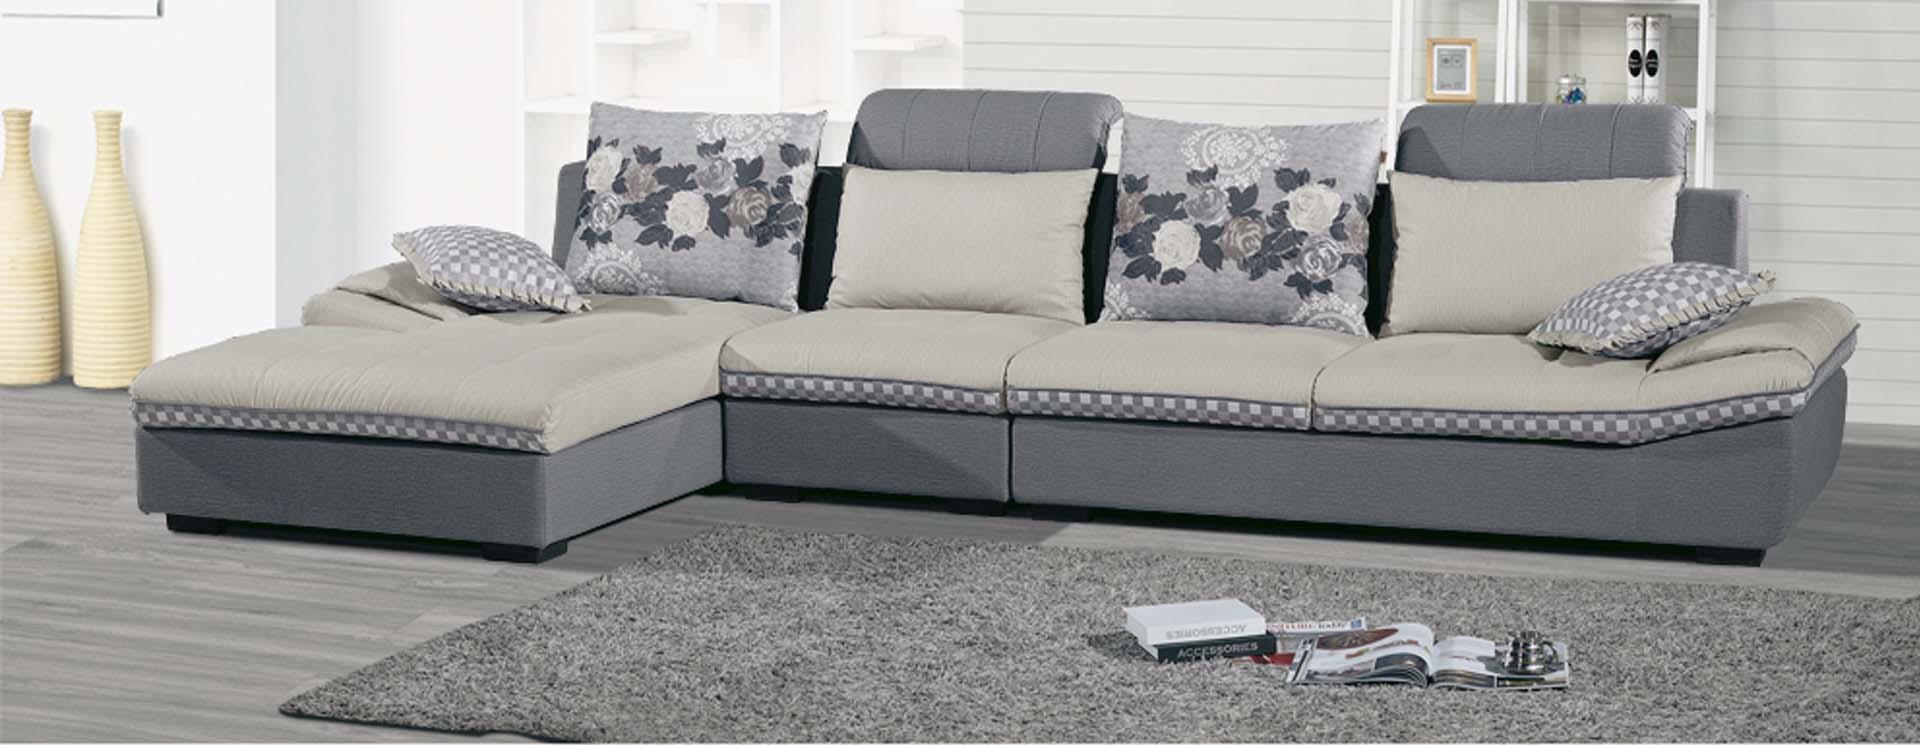 名称:沙发E-613#B<br/> 市场价:<font style='color:#999;text-decoration:line-through;'>¥0</font><br />全国统一零售价:<font color='Red'>¥0.0</font>